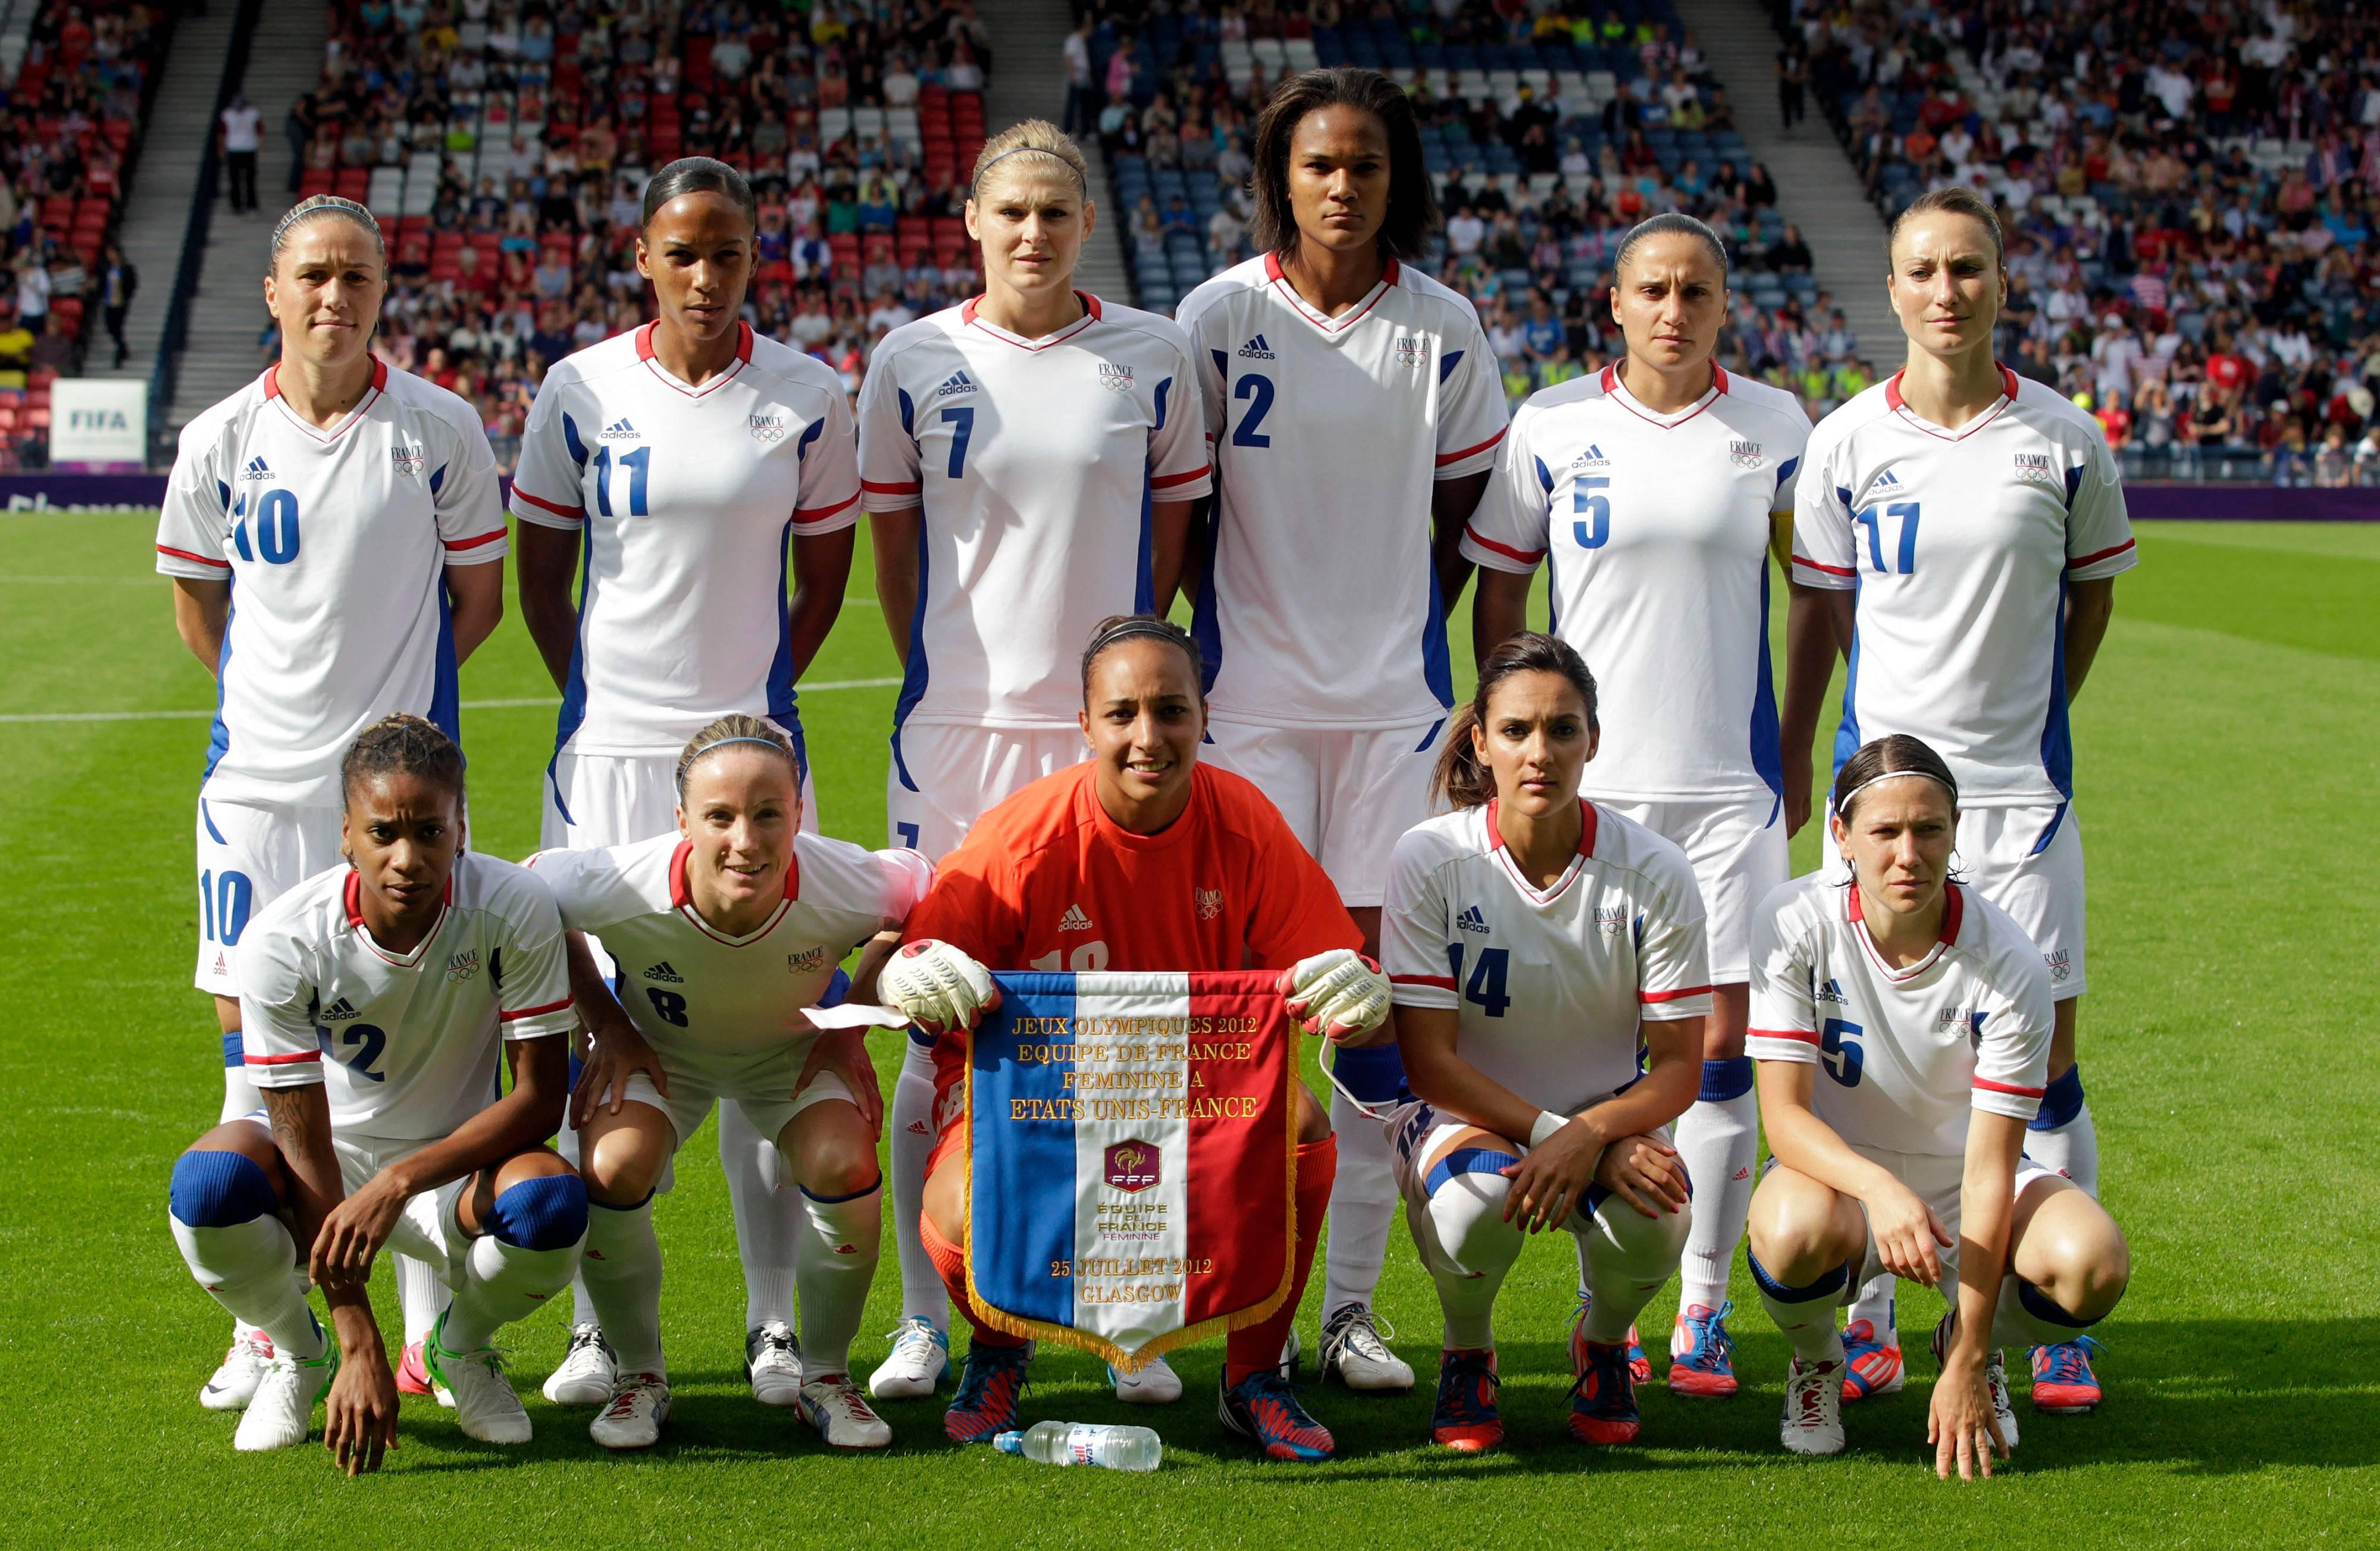 EDF féminine JO 2012